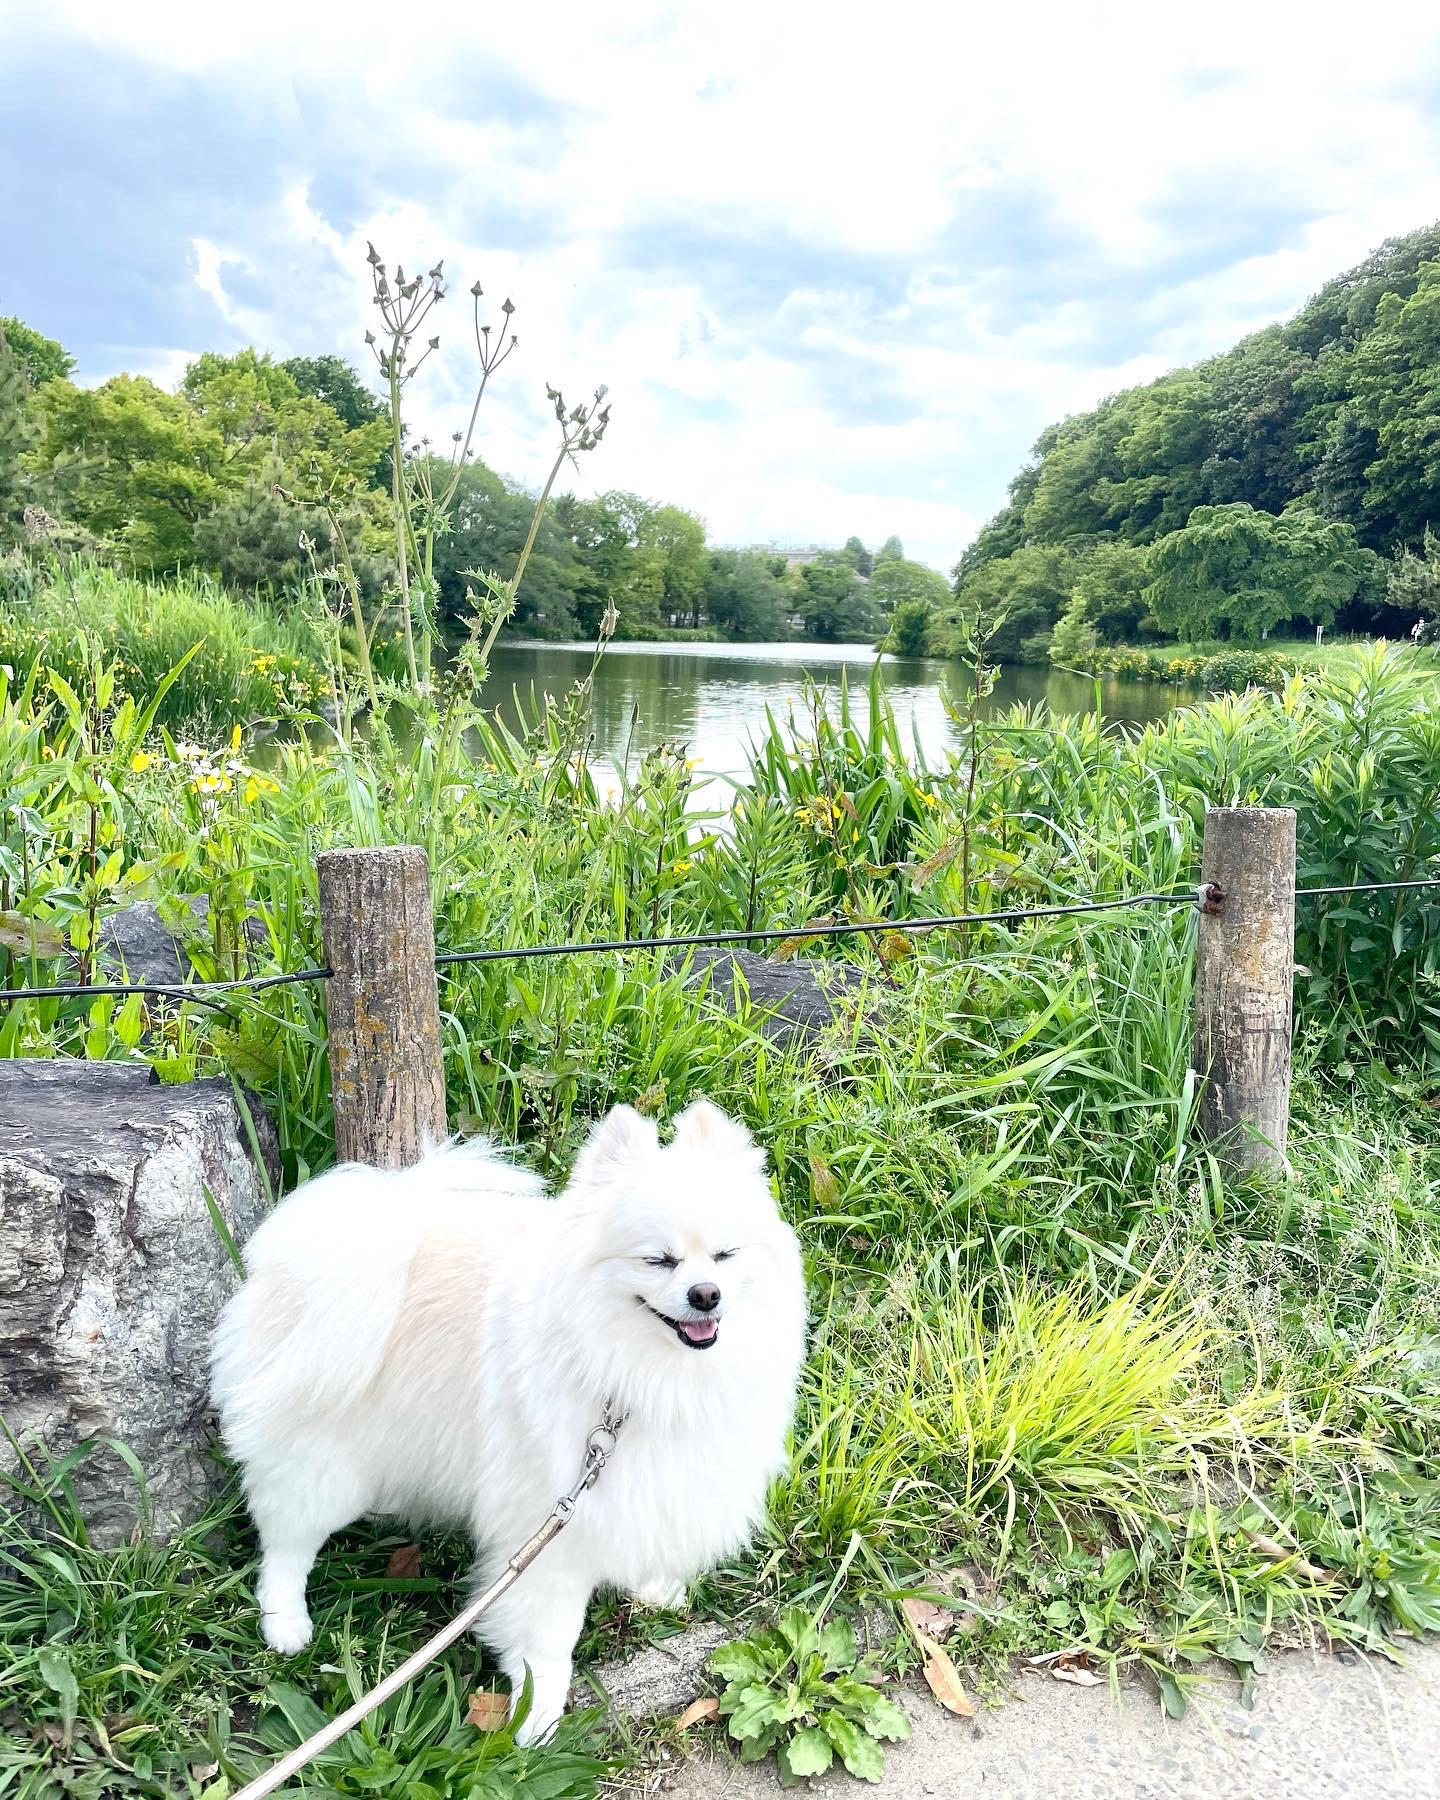 じゅん菜池公園をお散歩したよ